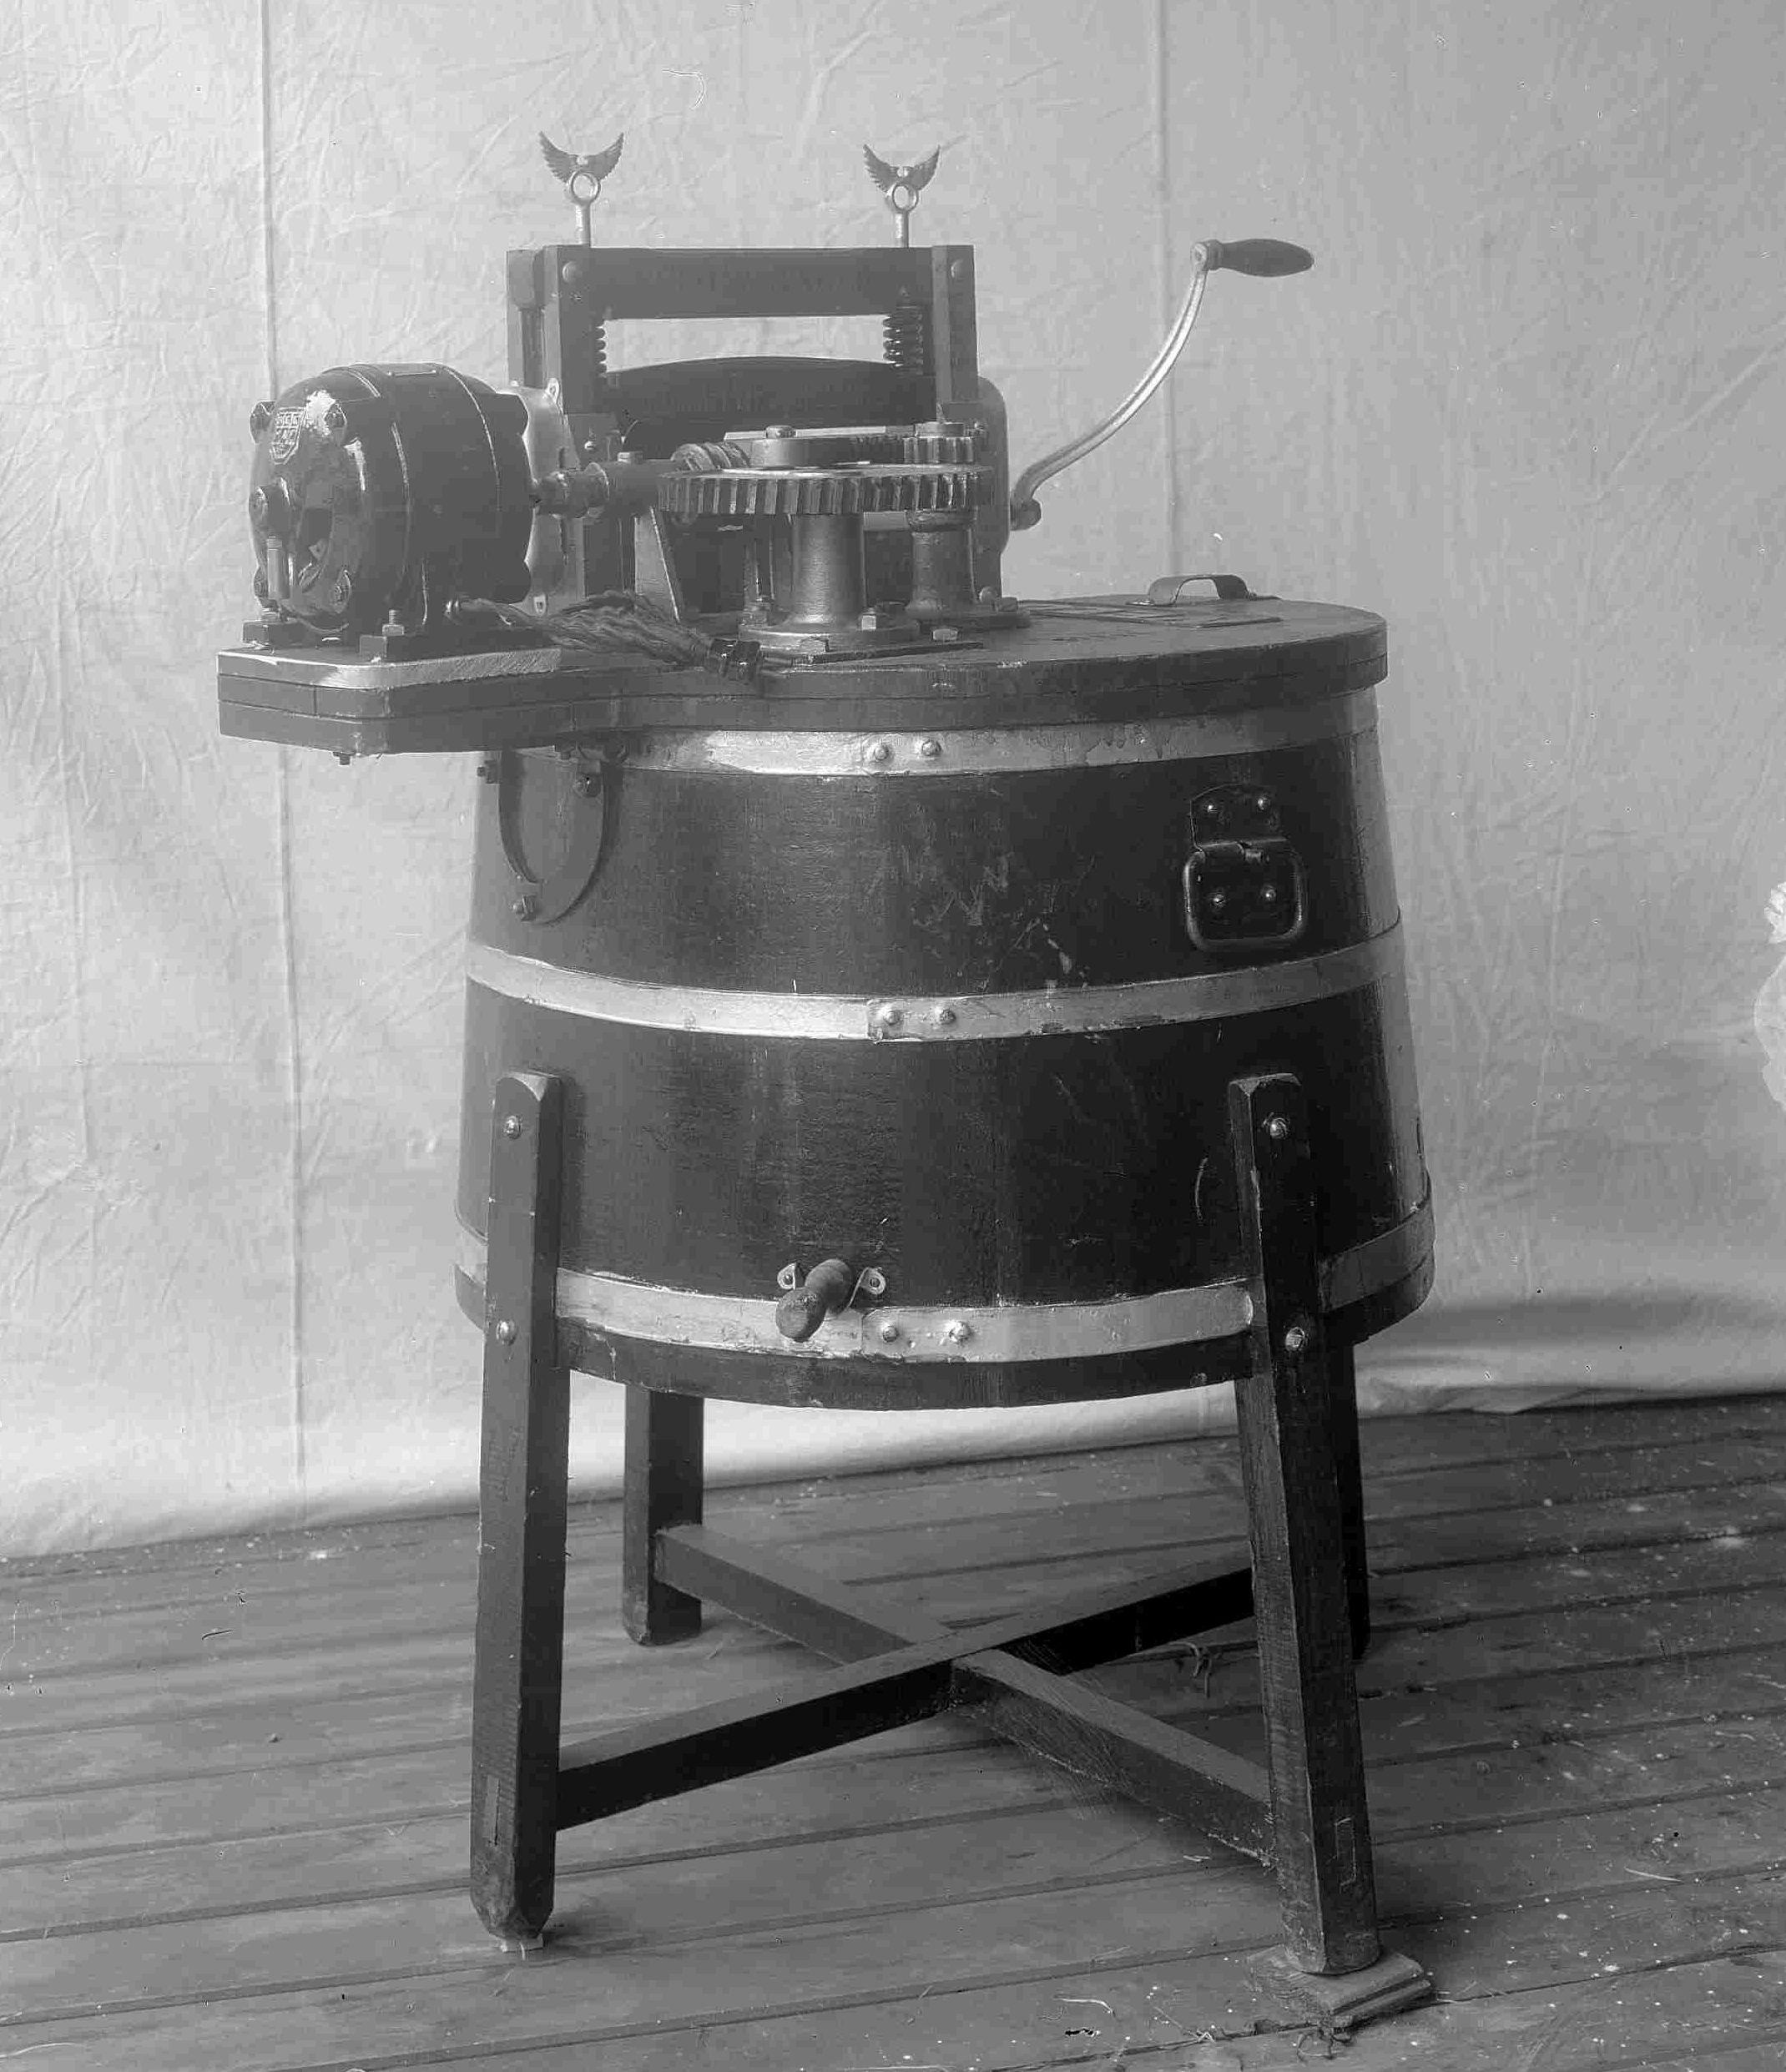 Soap Velowasmachinemotorheemaf19312